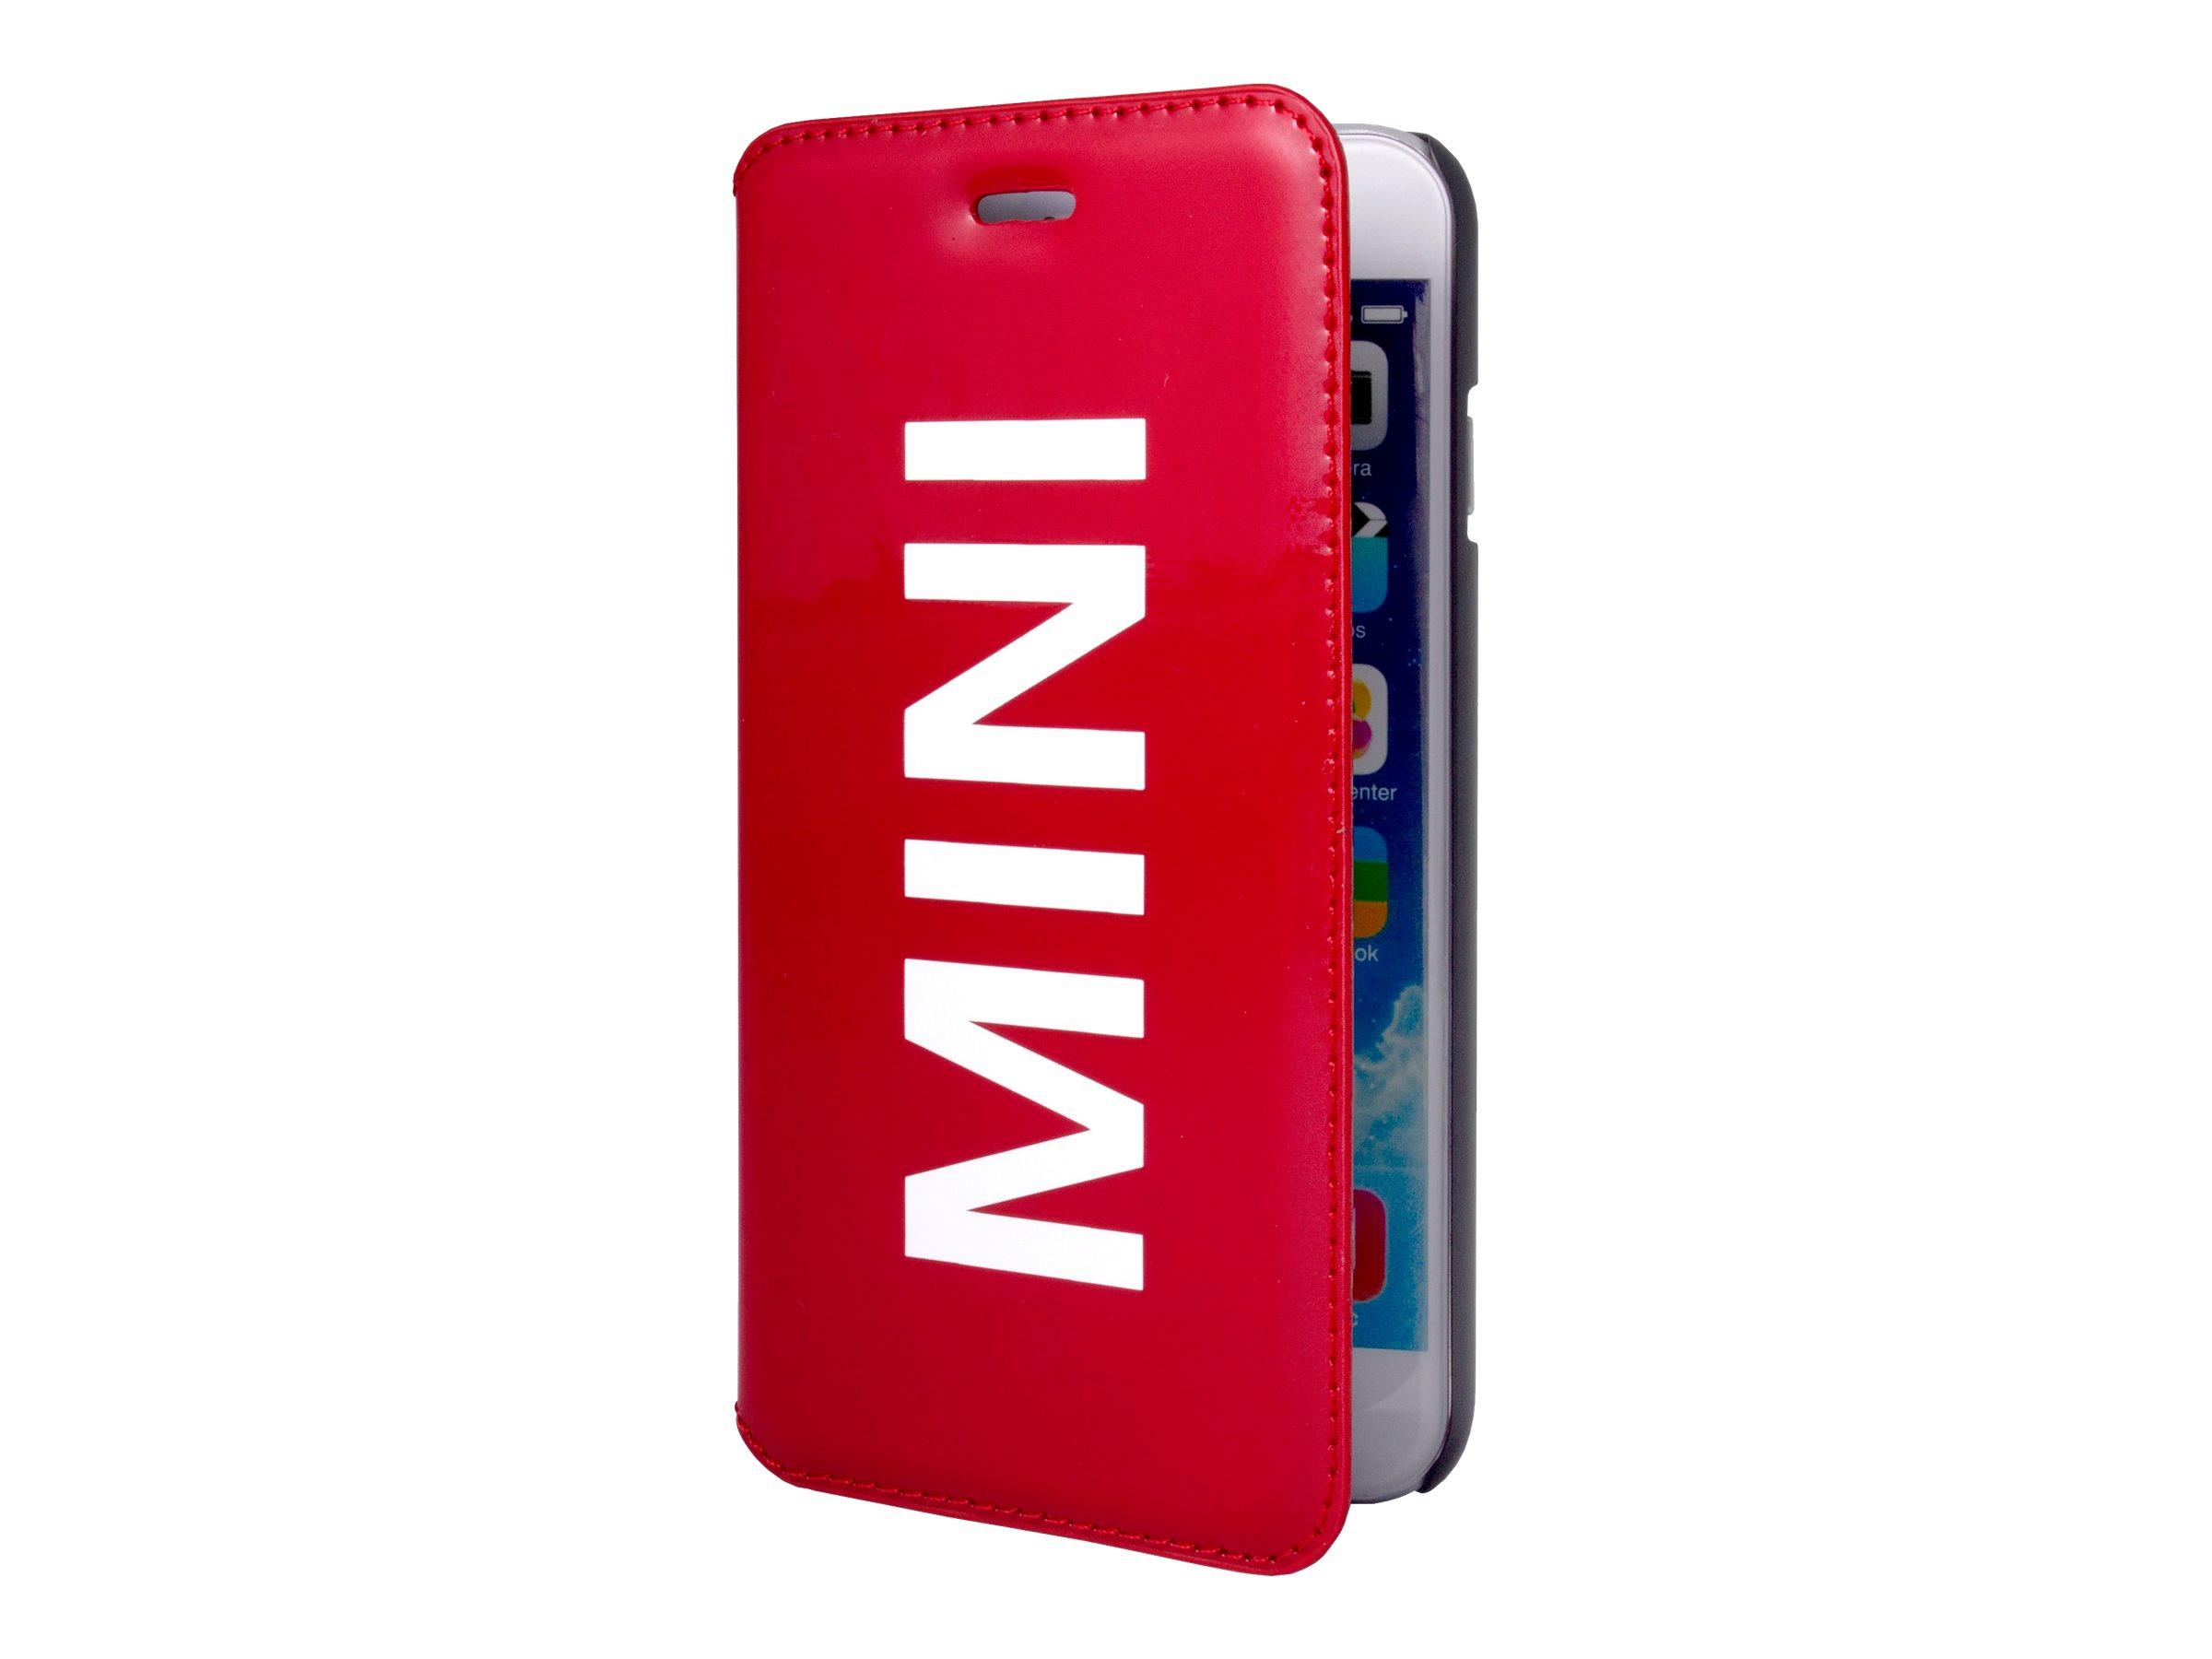 MINI Folio case - Protection à rabat  pour iPhone 6, 6s - vinyle rouge